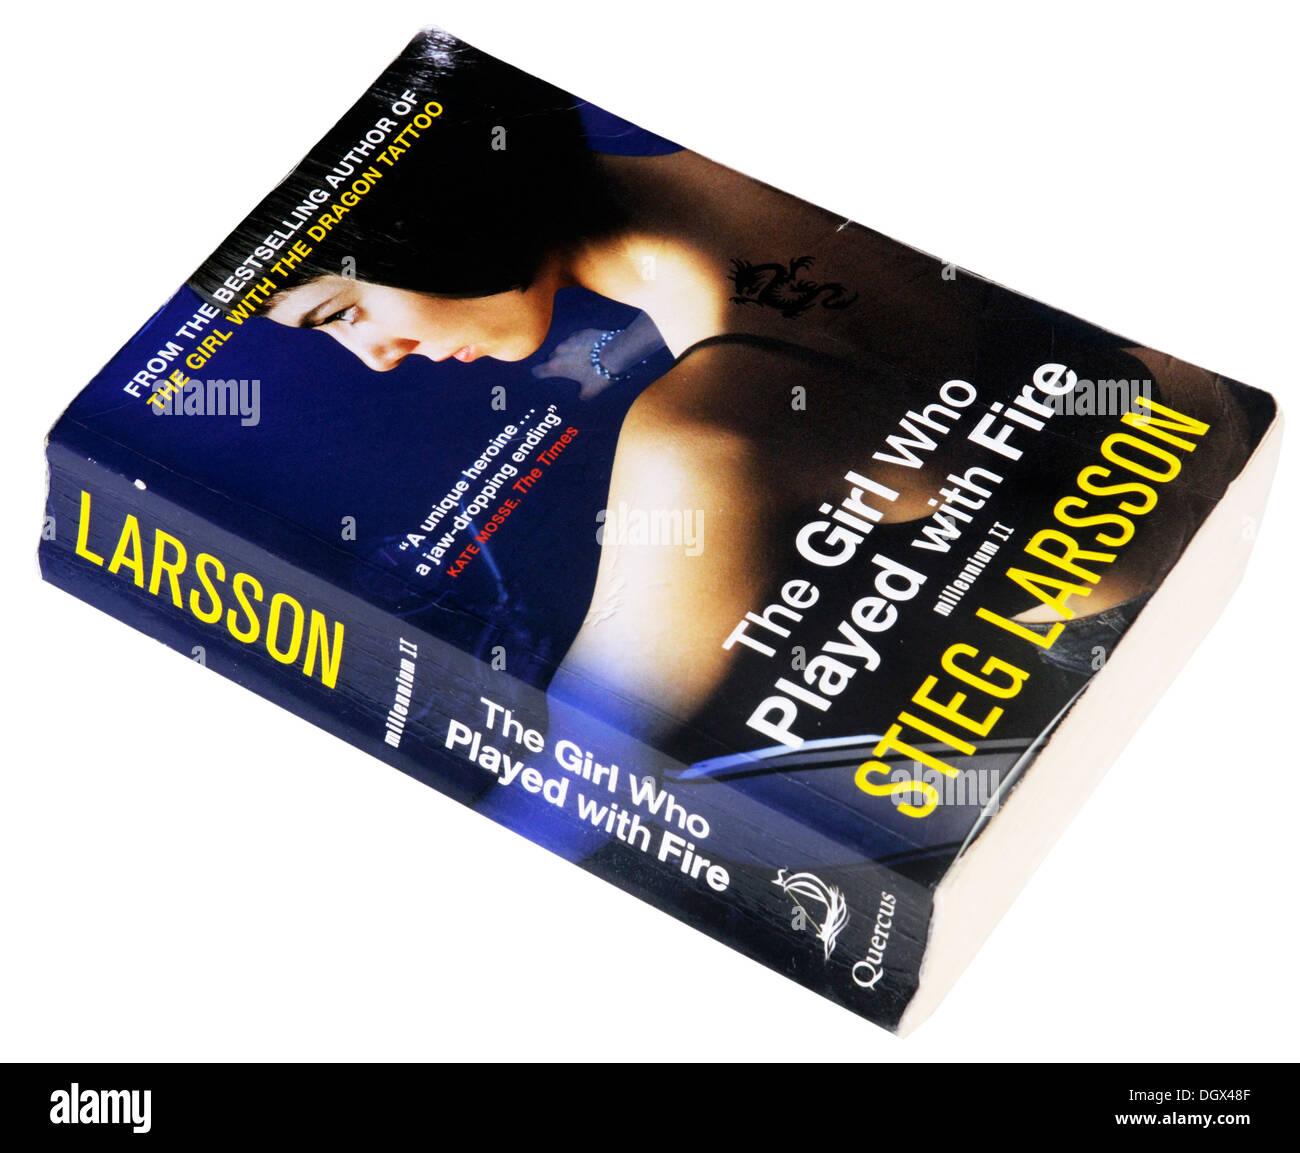 La ragazza che giocava con il fuoco : Millennium II di Stieg Larsson Immagini Stock